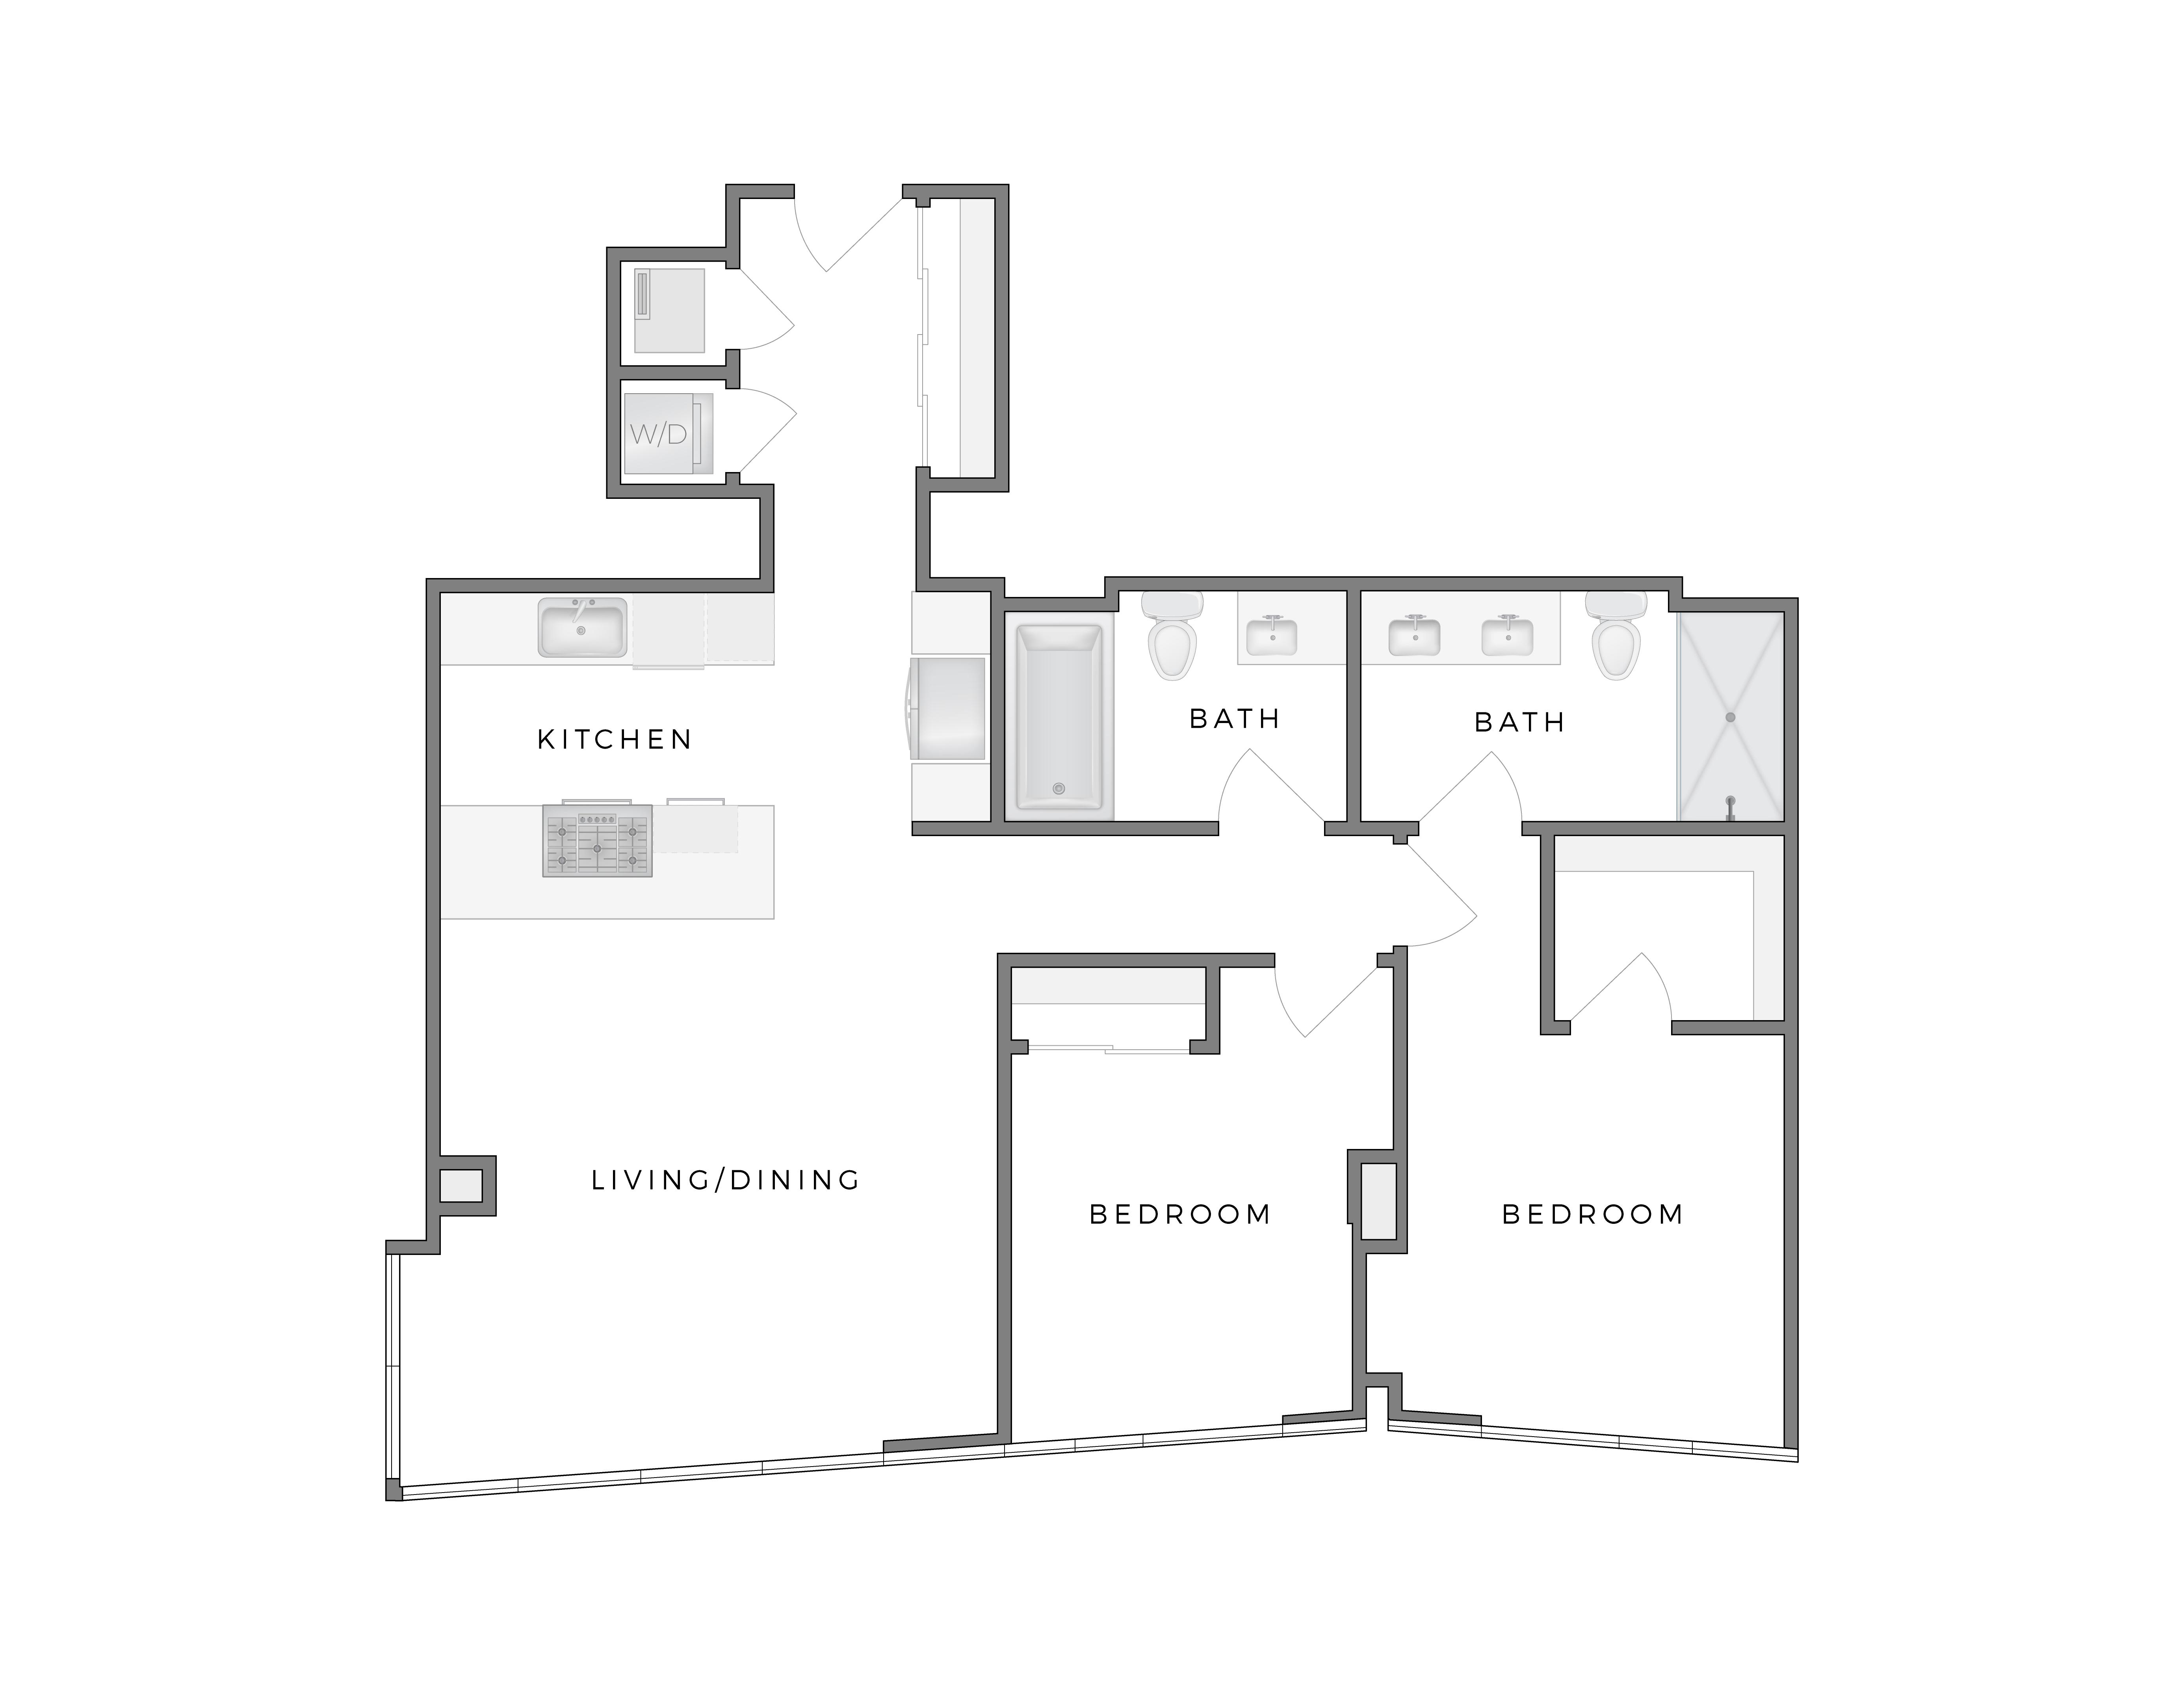 Atelier Highrise Apt Floorplans Warhol 4 2 Bedroom 2 Bath Dtla Apt